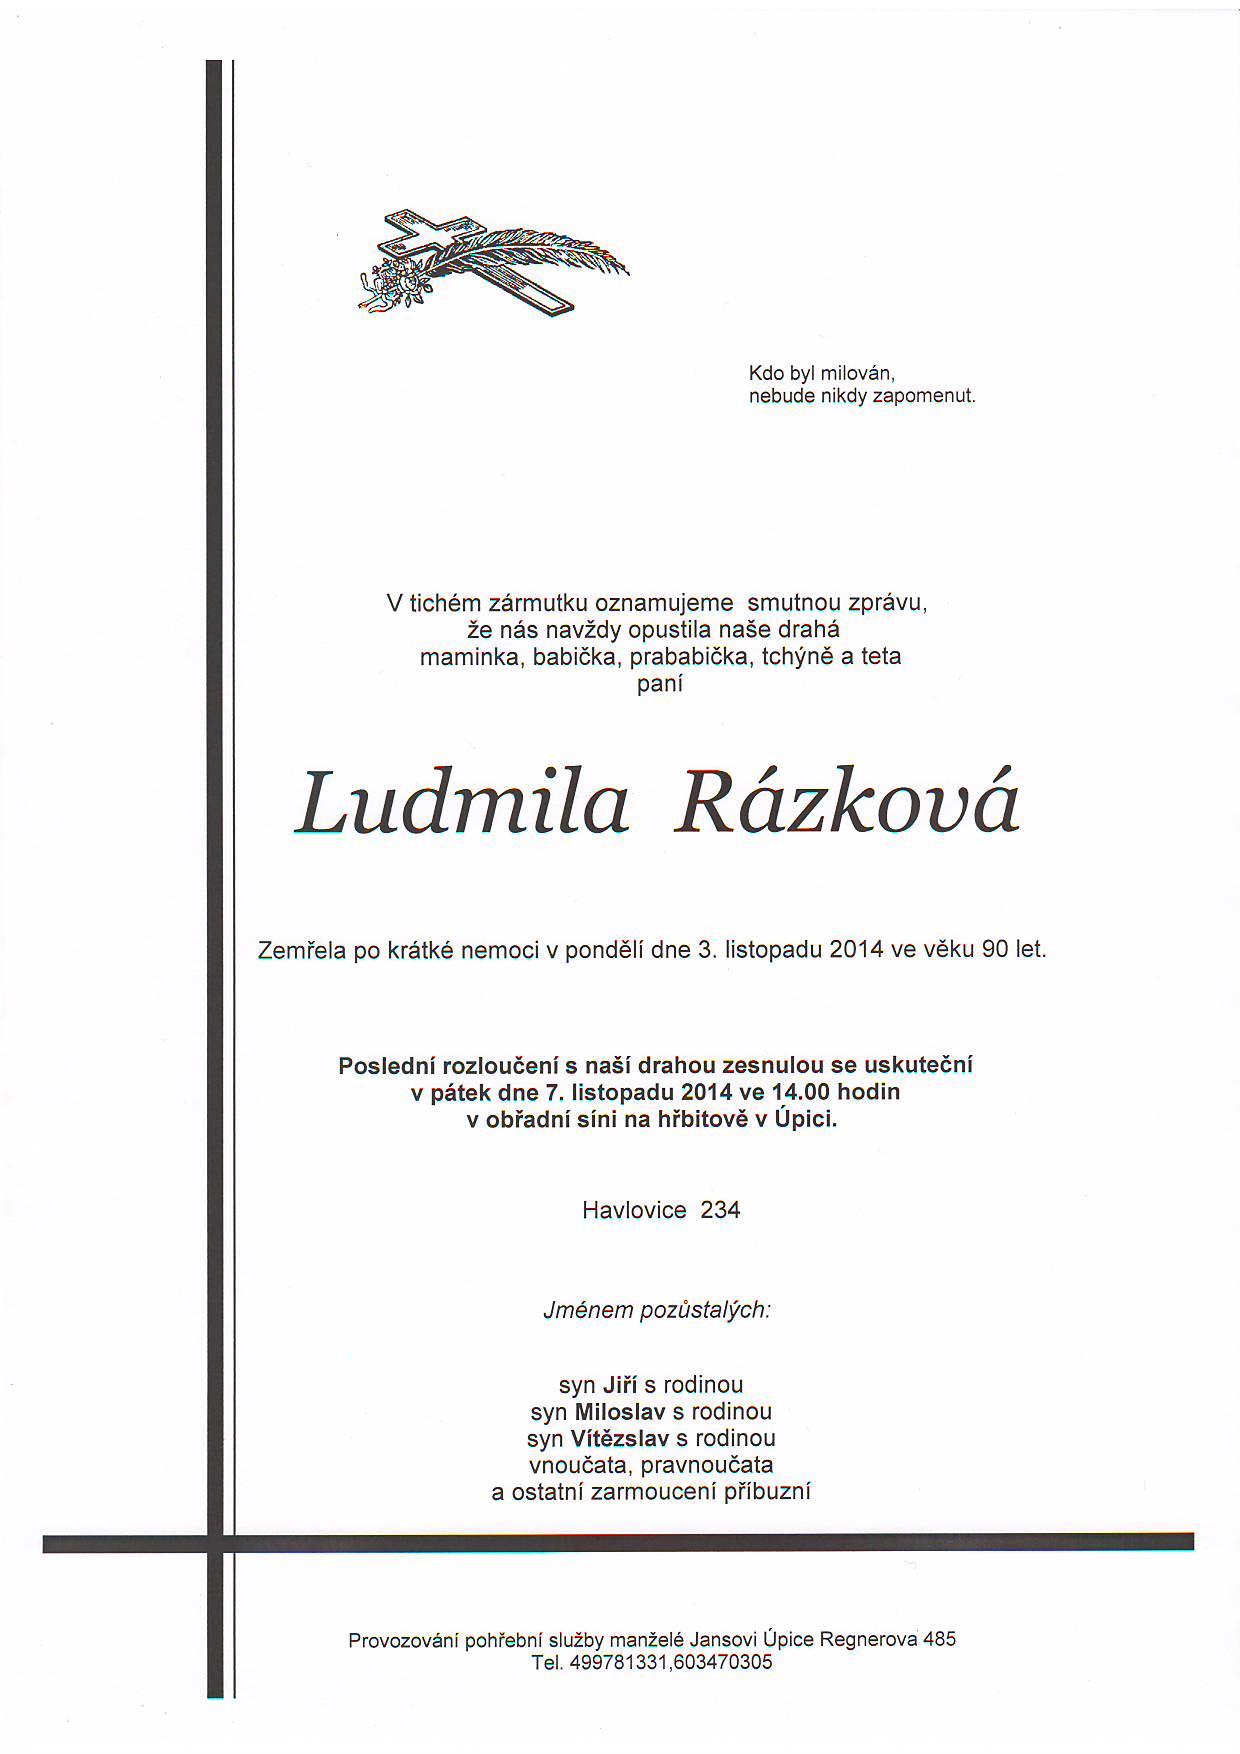 03_ludmila_razkova